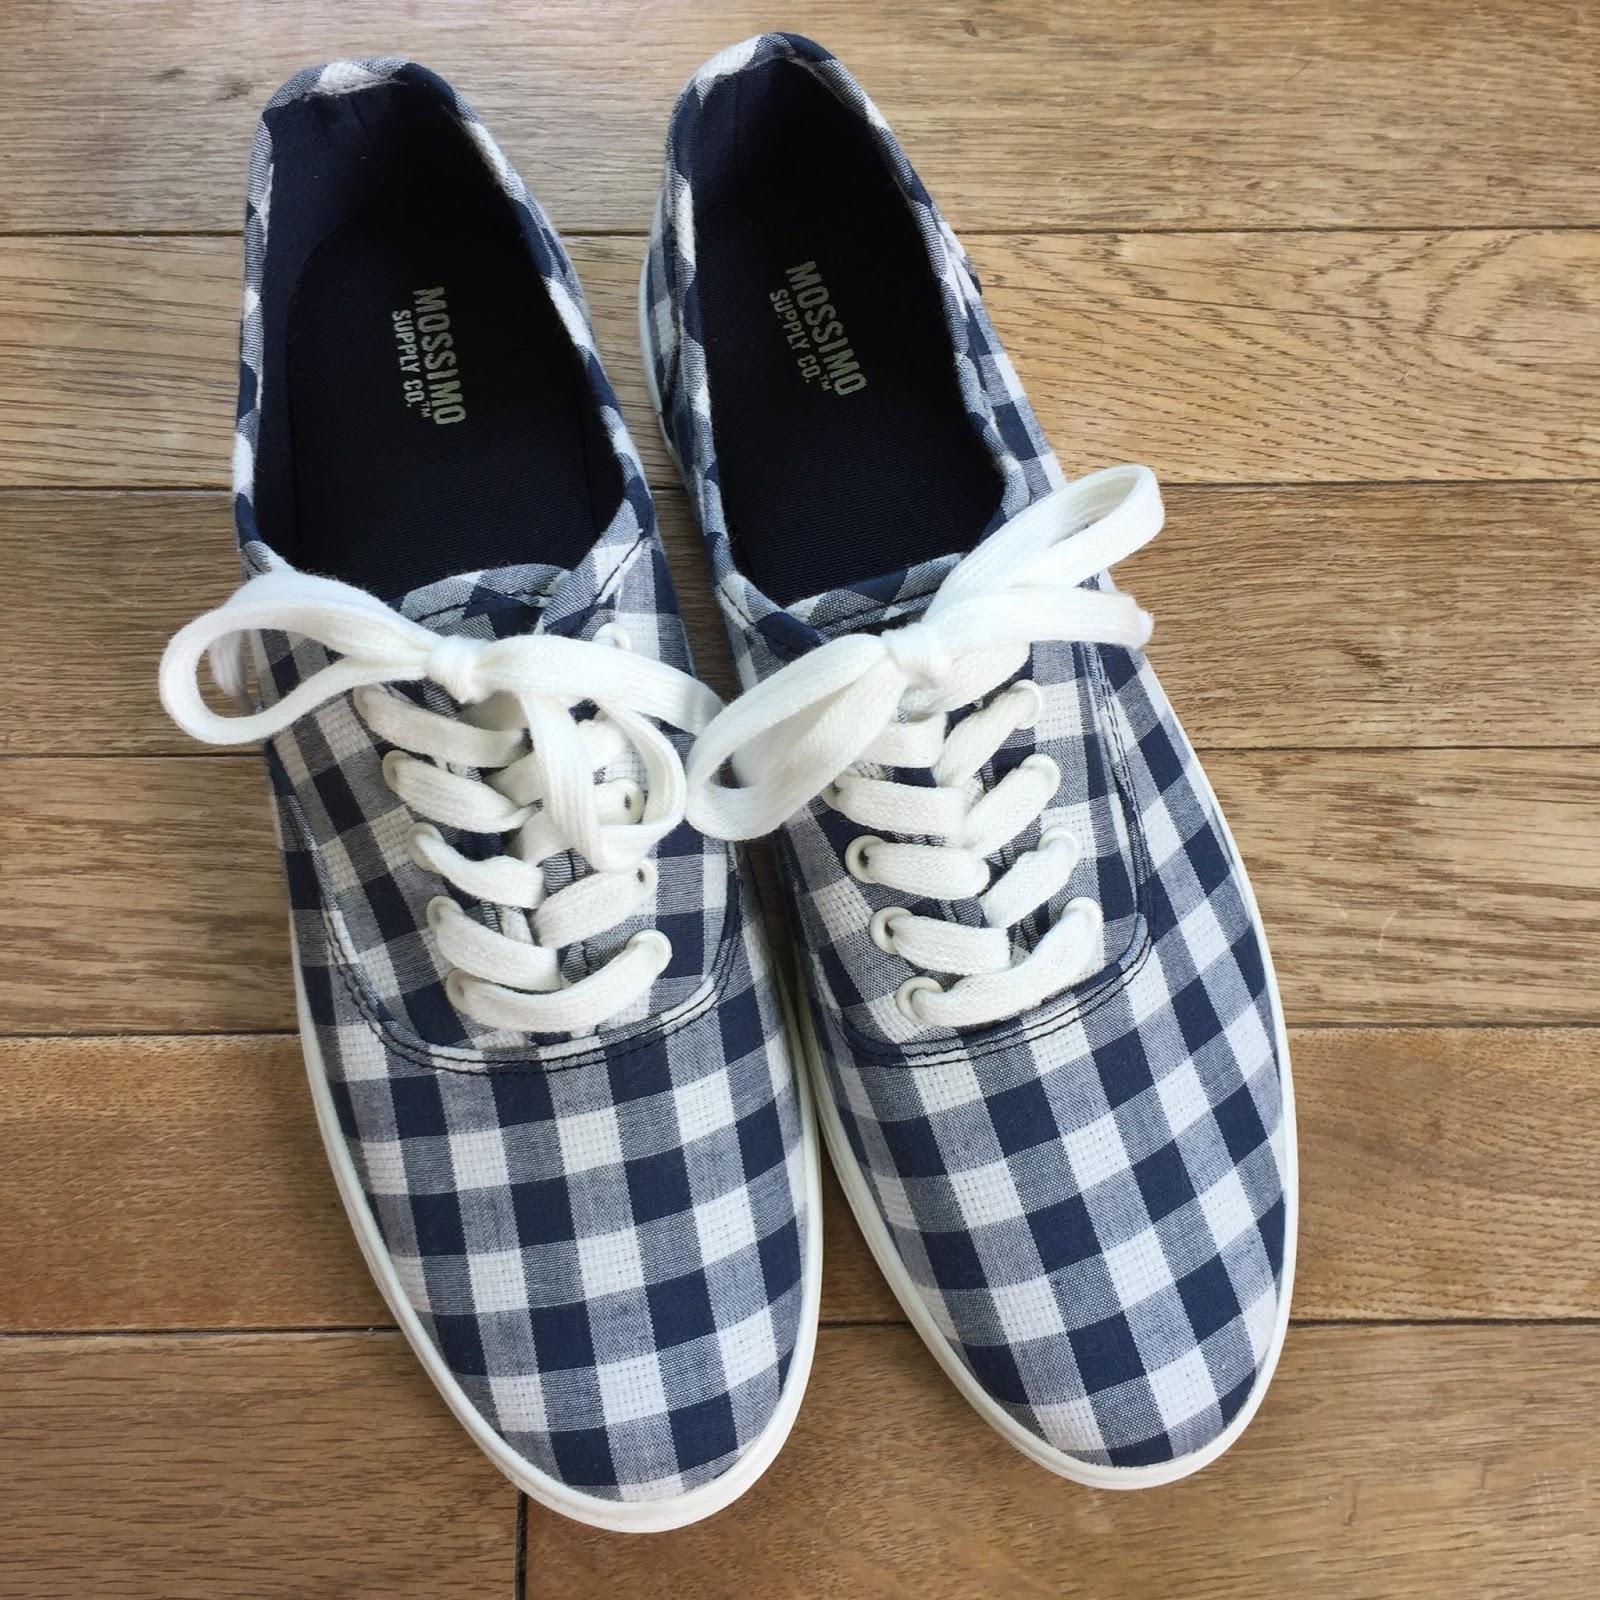 Boc Tennis Shoes